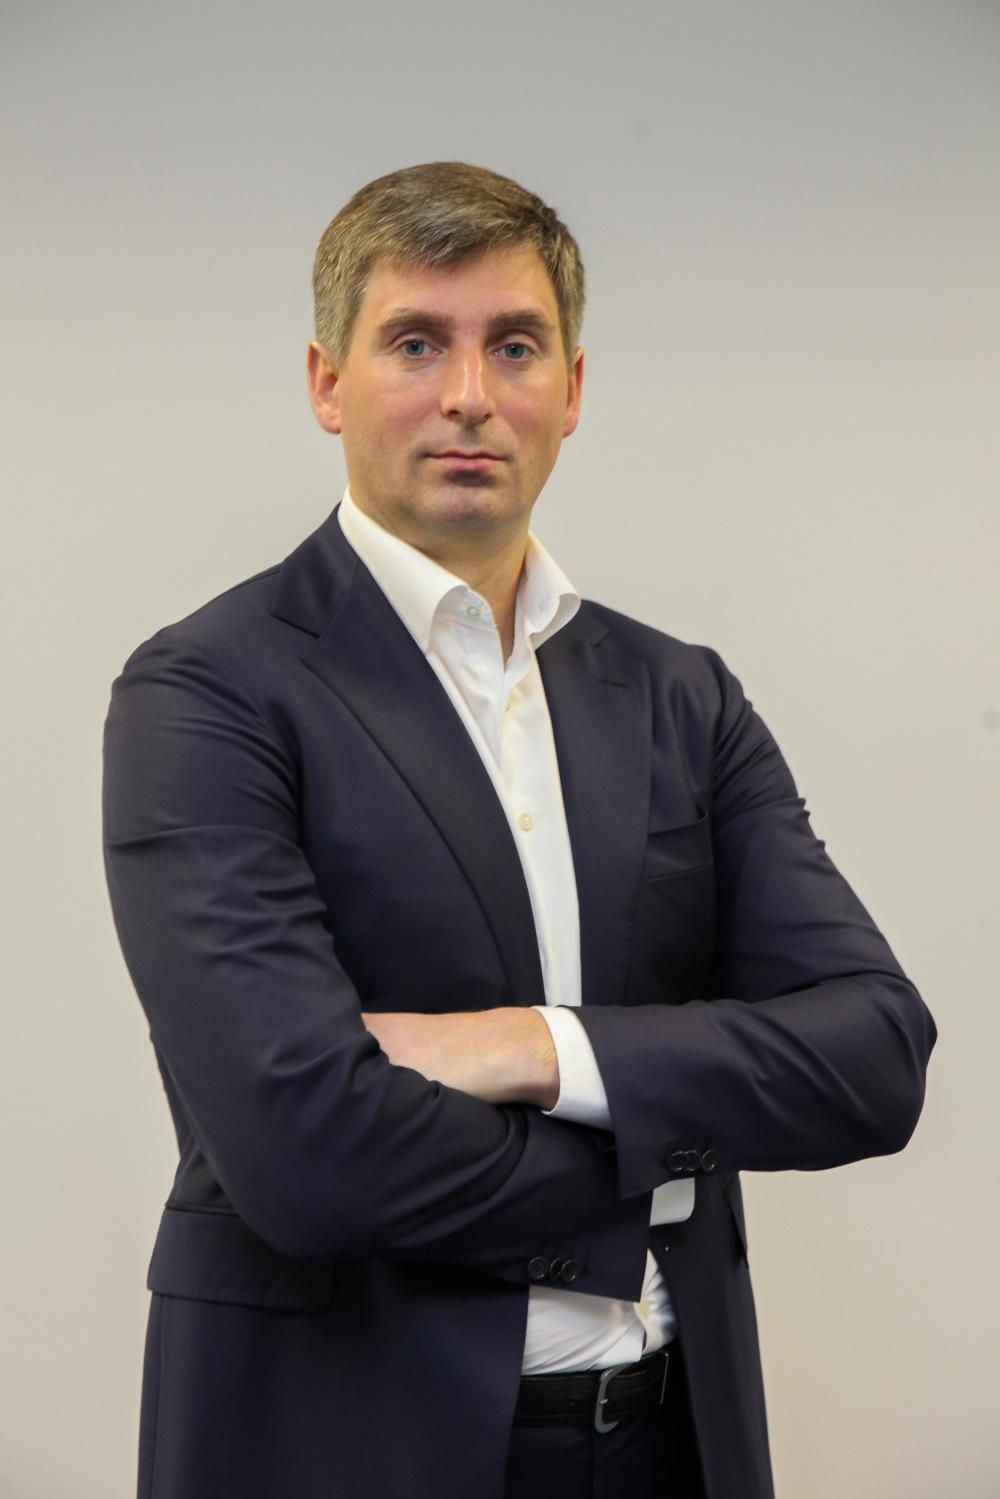 """""""Das Land braucht Handels- und Produktionsbetriebe, und wir nehmen die Gründung eines solchen Unternehmens auf."""" Andrey Pavlov"""